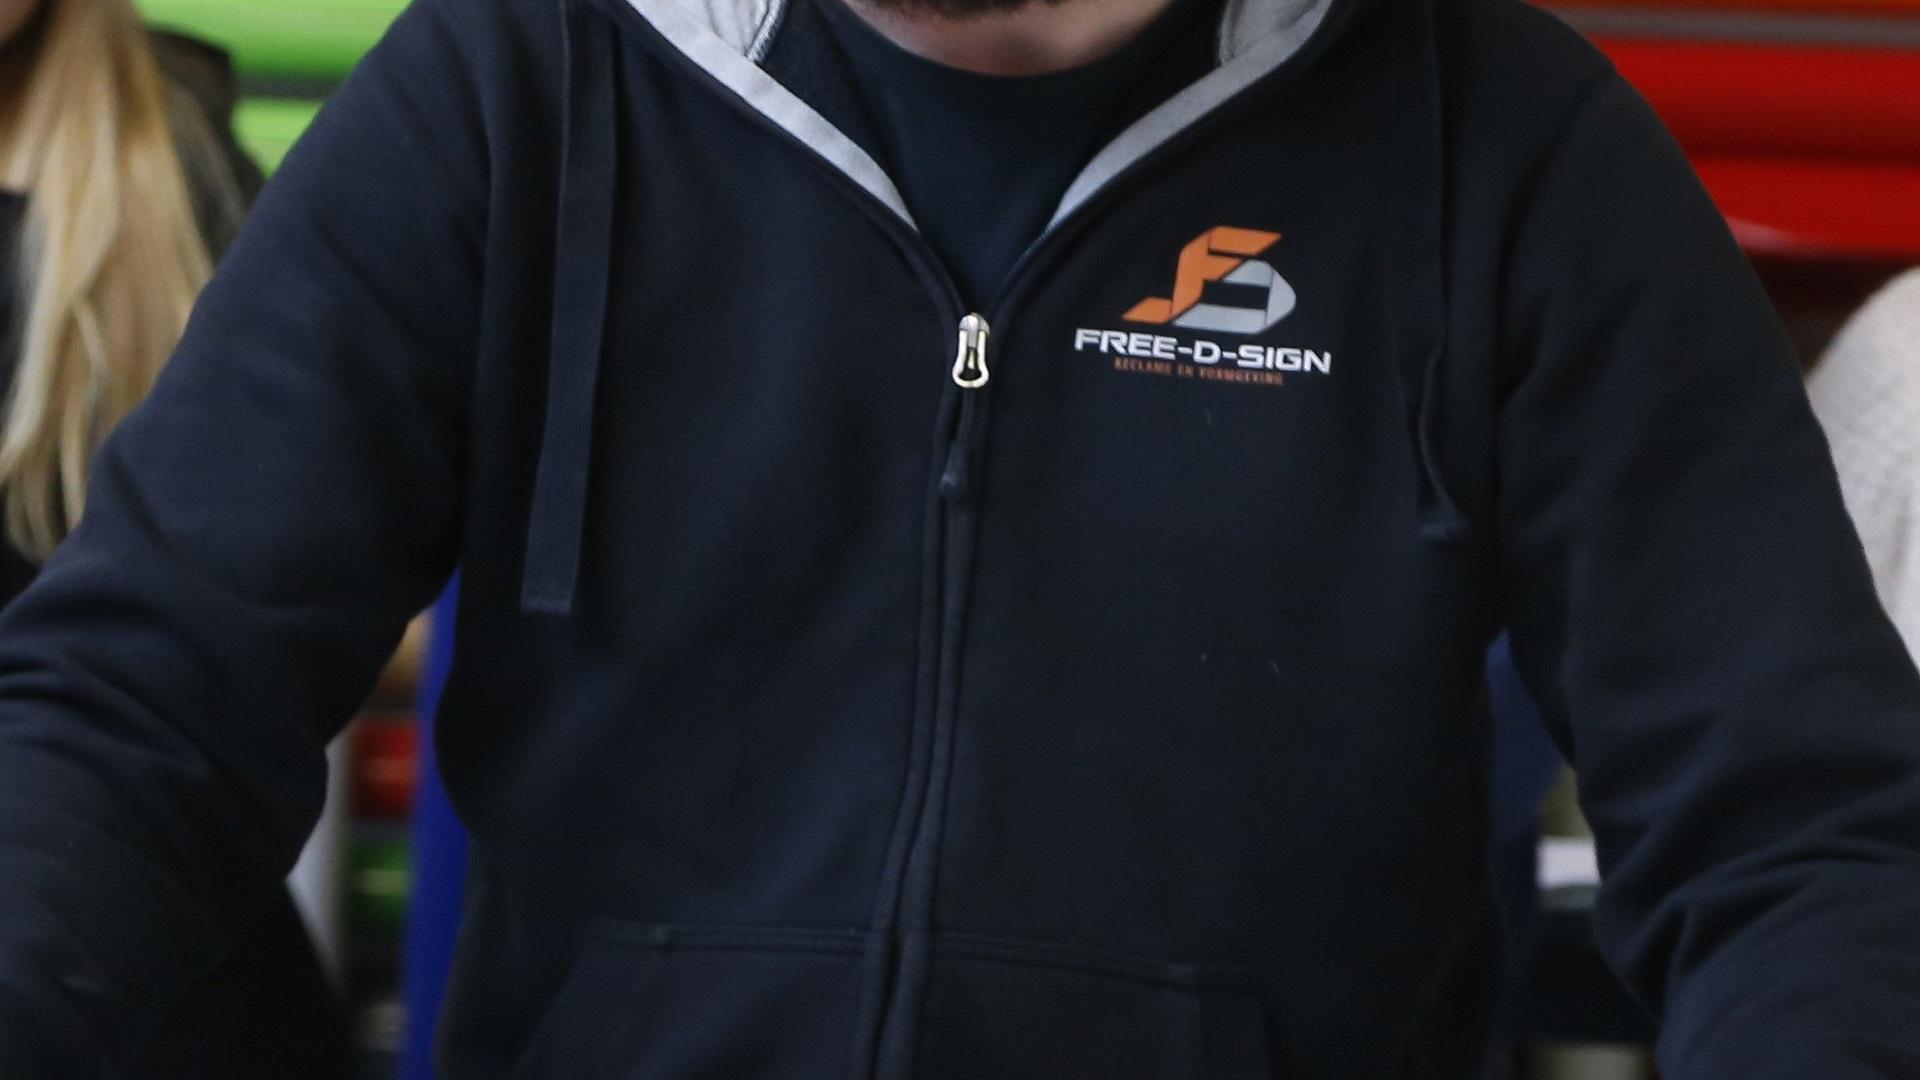 FDS (bedrijfs)kleding verhuist naar specialist